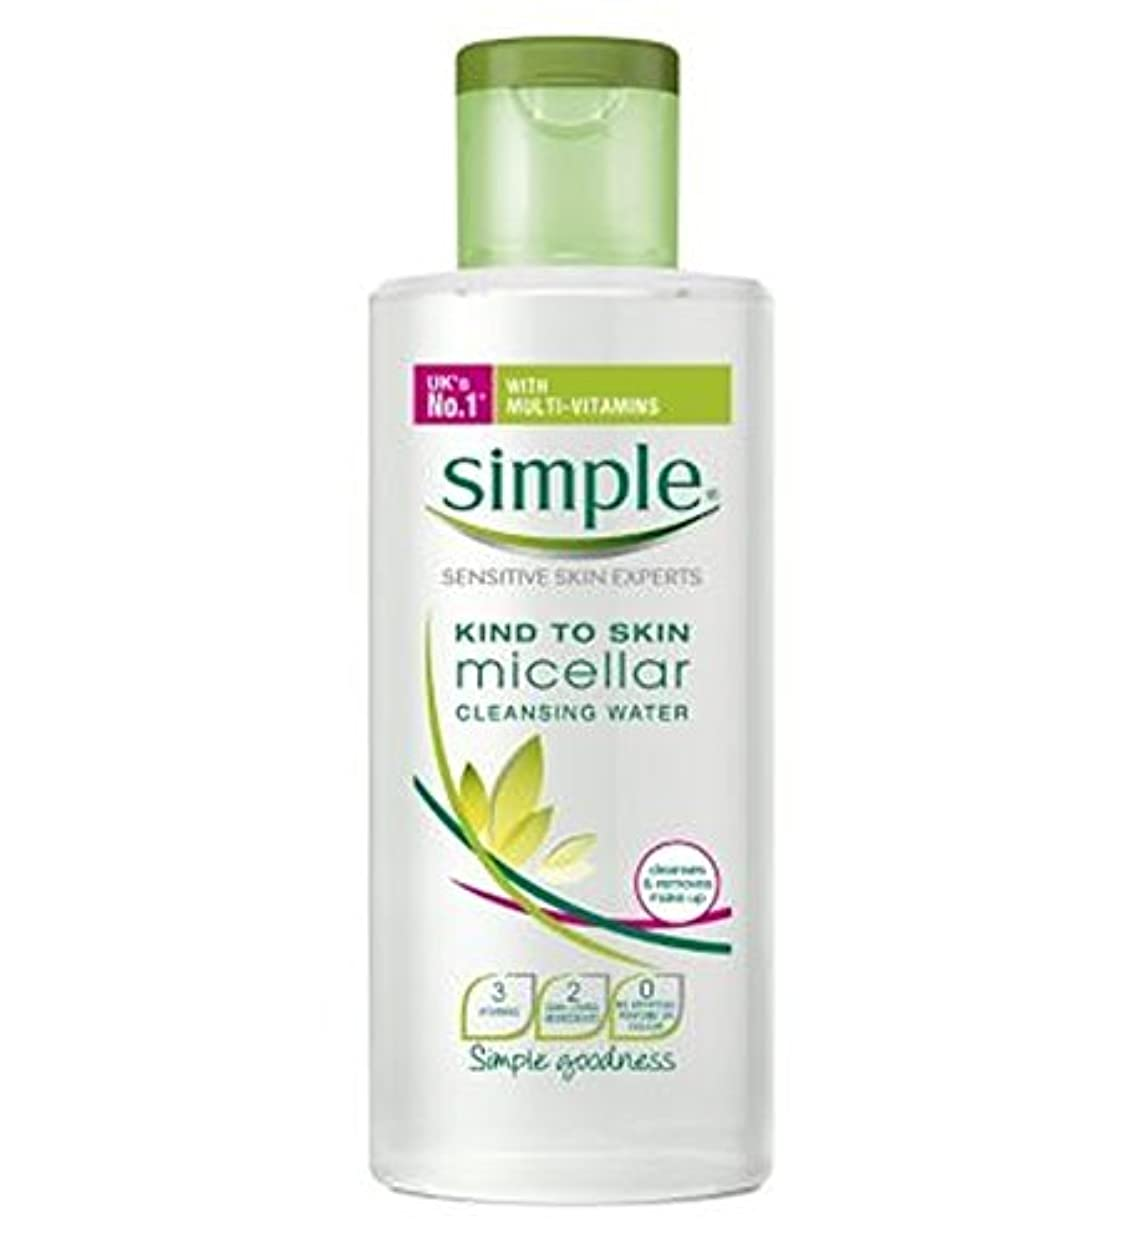 進捗アイスクリームモットーSimple Kind To Skin Micellar Cleansing Water 200ml - 皮膚ミセル洗浄水200ミリリットルに簡単な種類 (Simple) [並行輸入品]